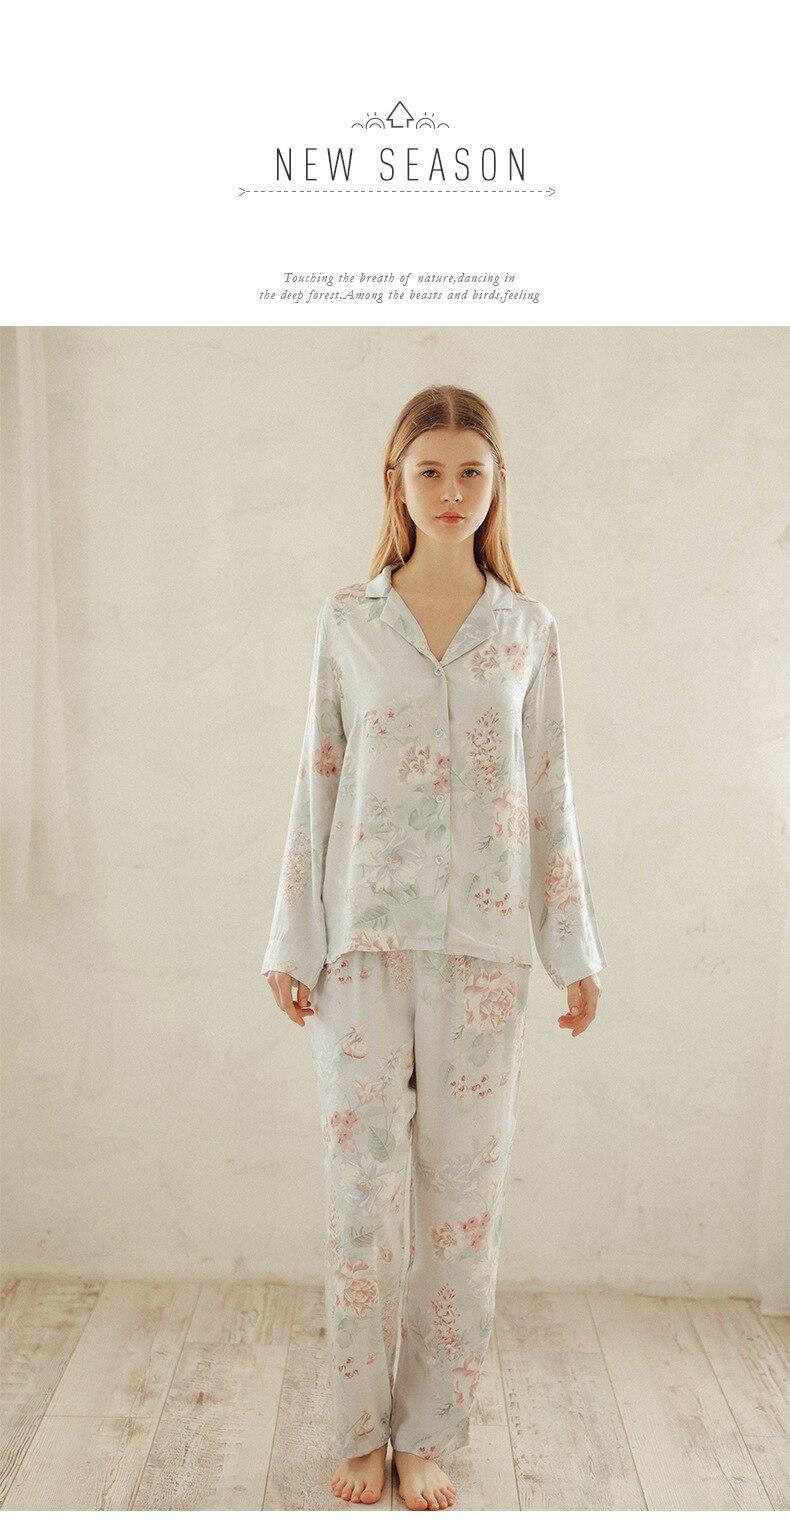 253e73bf60aaa4 100% de cetim grande flor lapelas de manga comprida camisa calça pijamas  feminino terno de casa outono novo high-end desgaste da noite